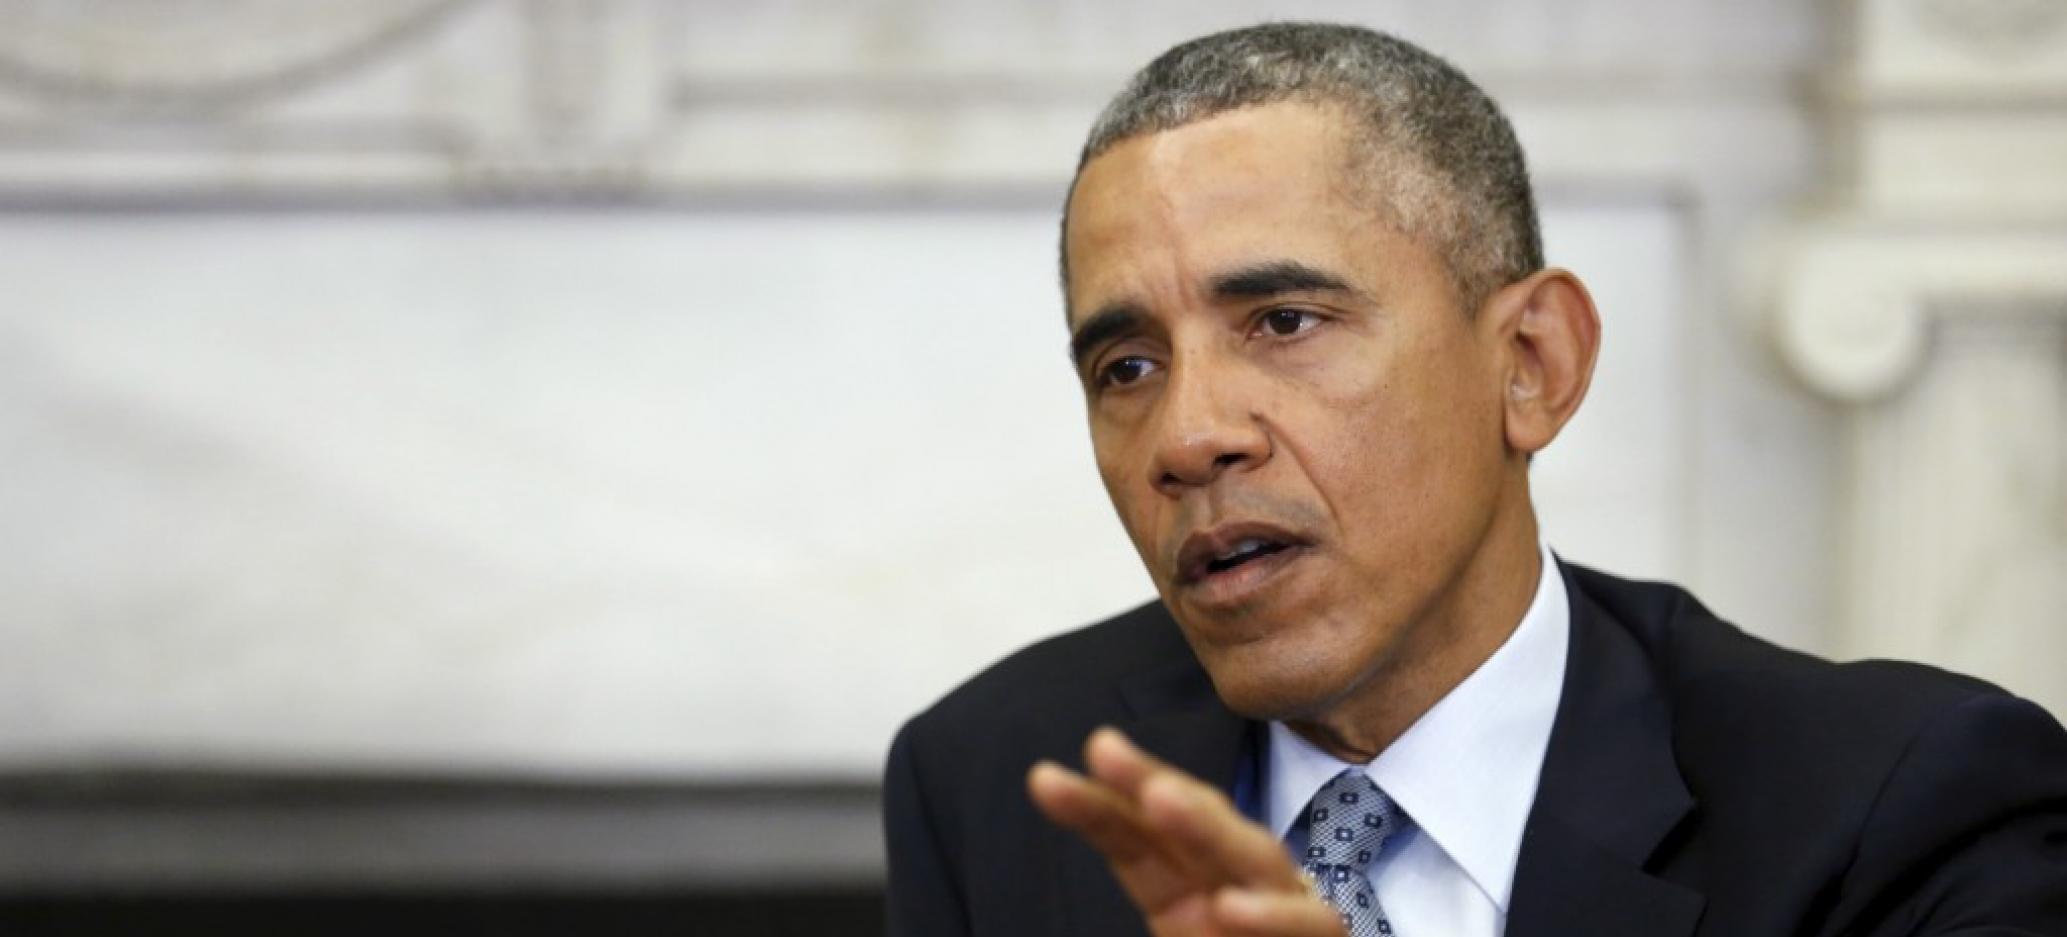 Obama's Money to Palestine